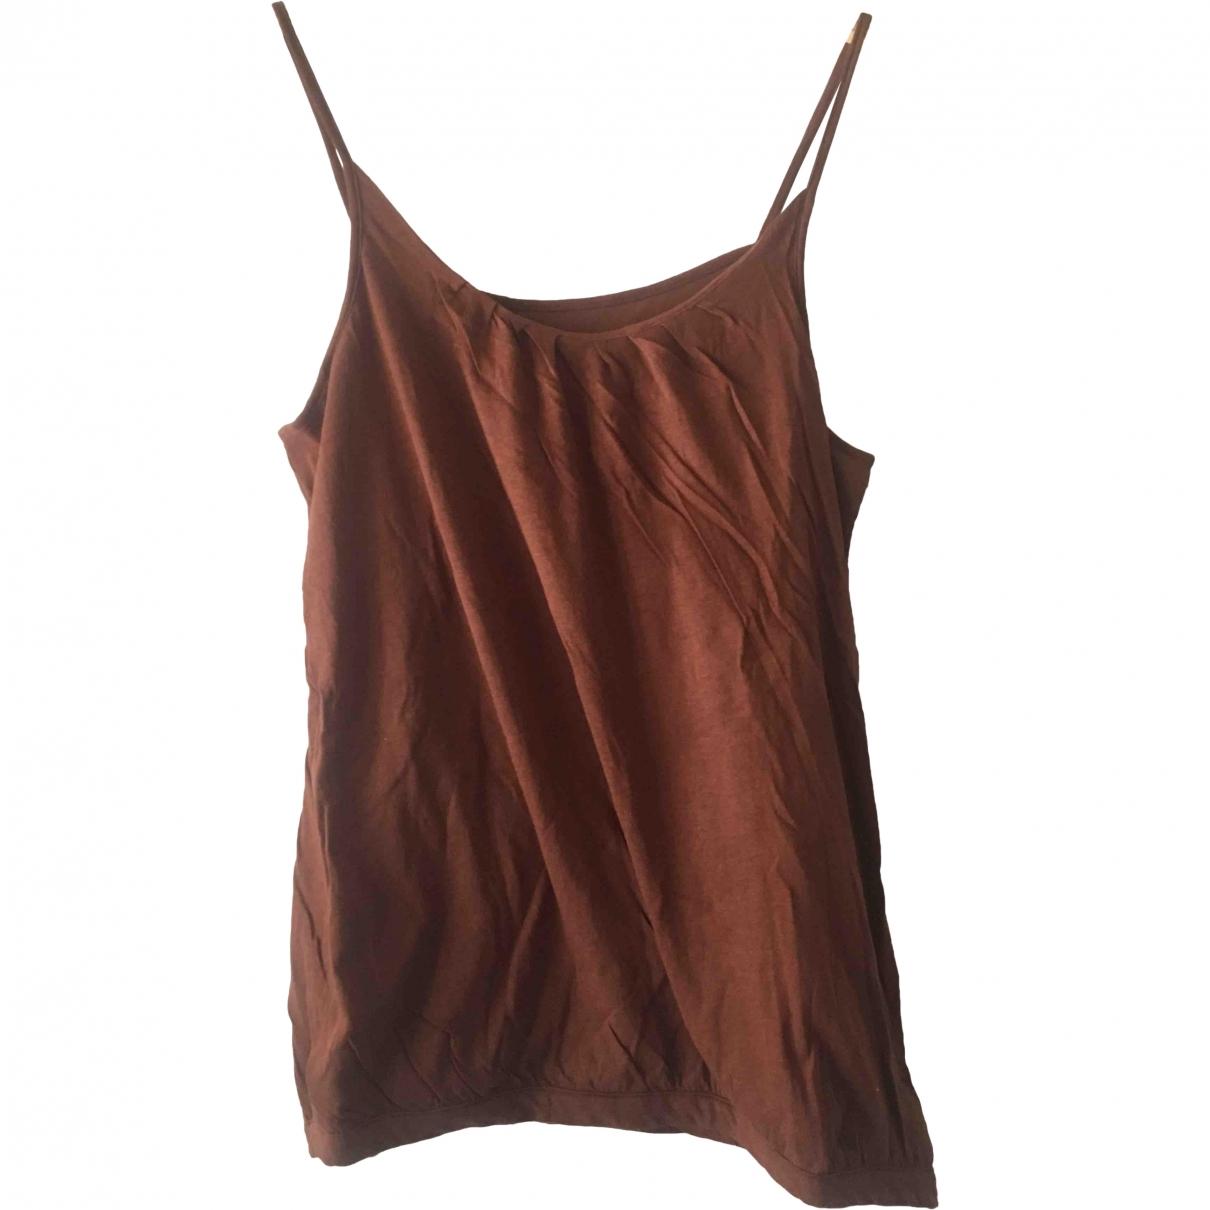 Dries Van Noten - Top   pour femme en coton - marron